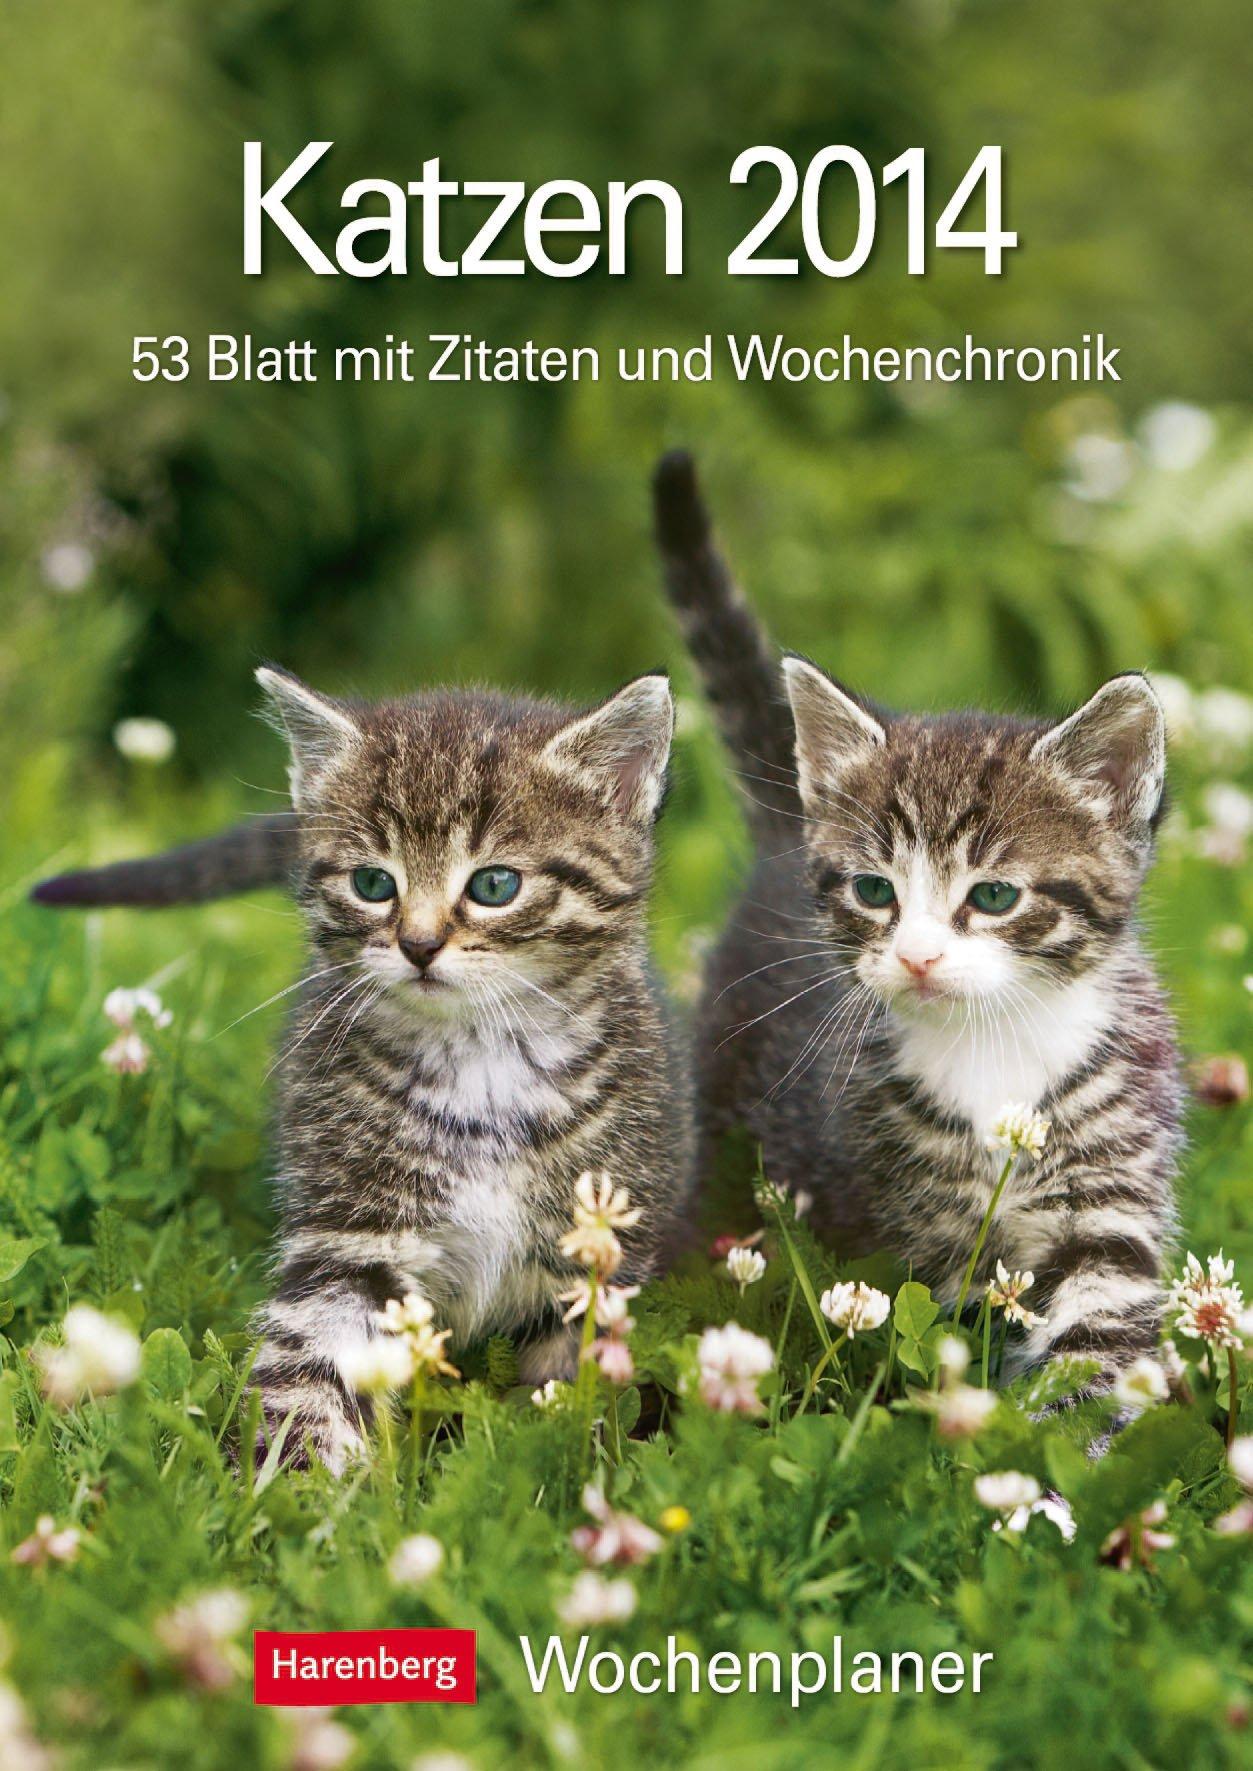 katzen-2014-harenberg-wochenplaner-53-blatt-mit-zitaten-und-wochenchronik